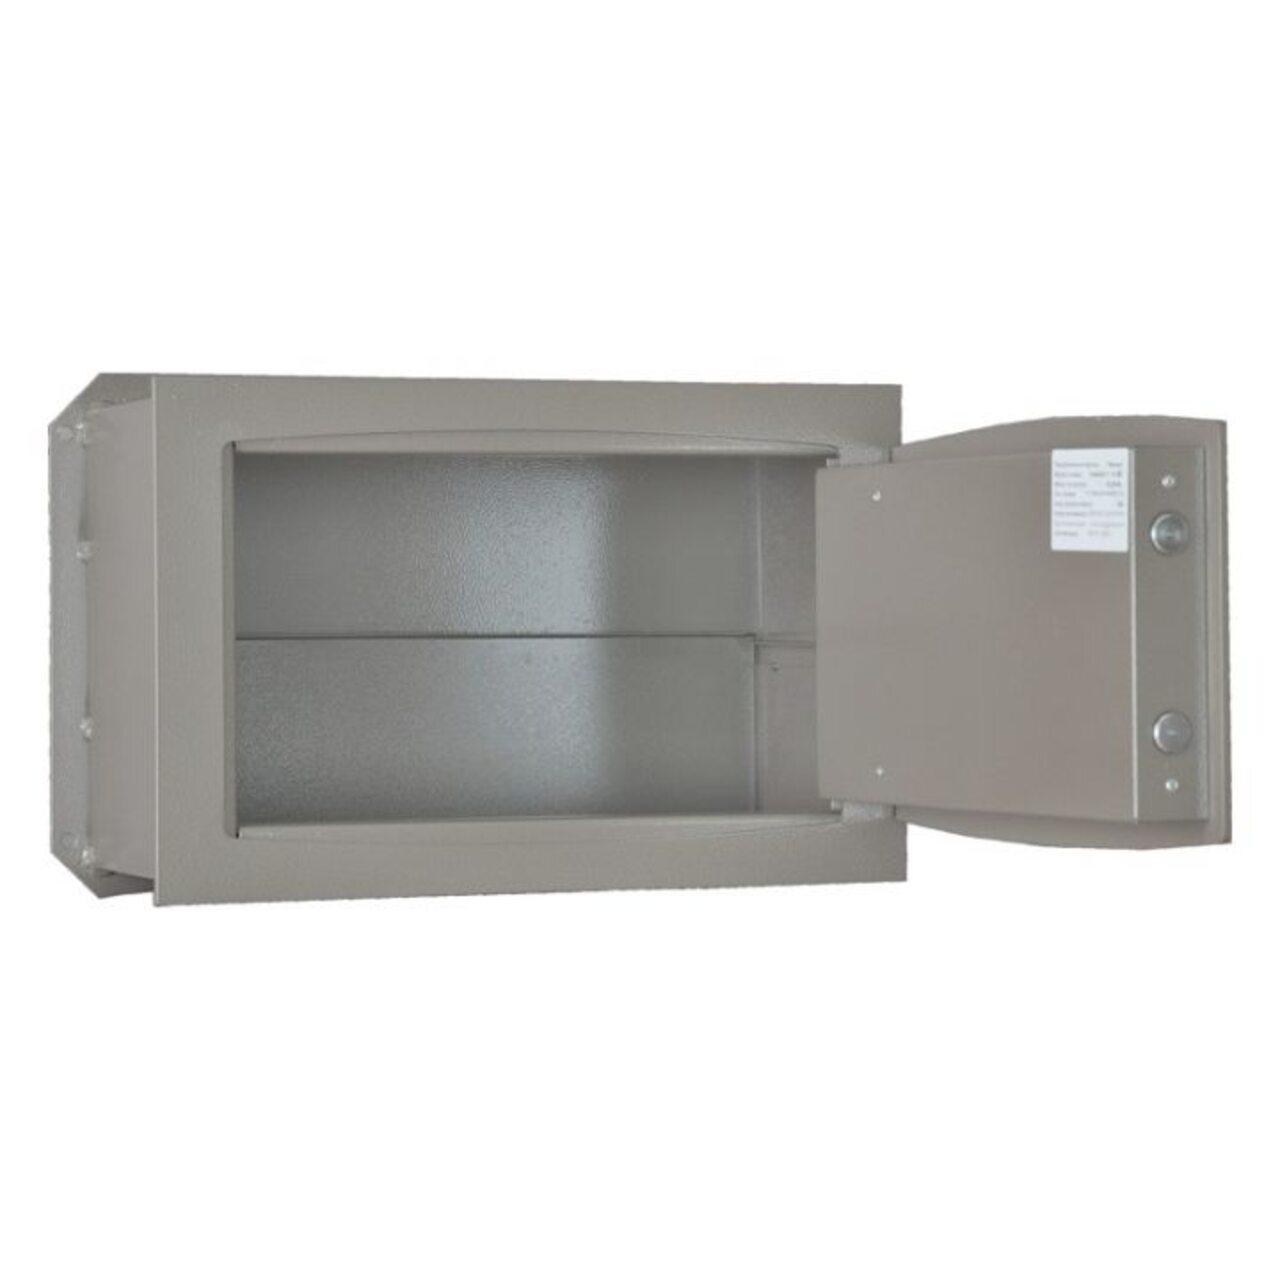 Встраиваемый стеновой шкаф ВШ-12 - фото 2